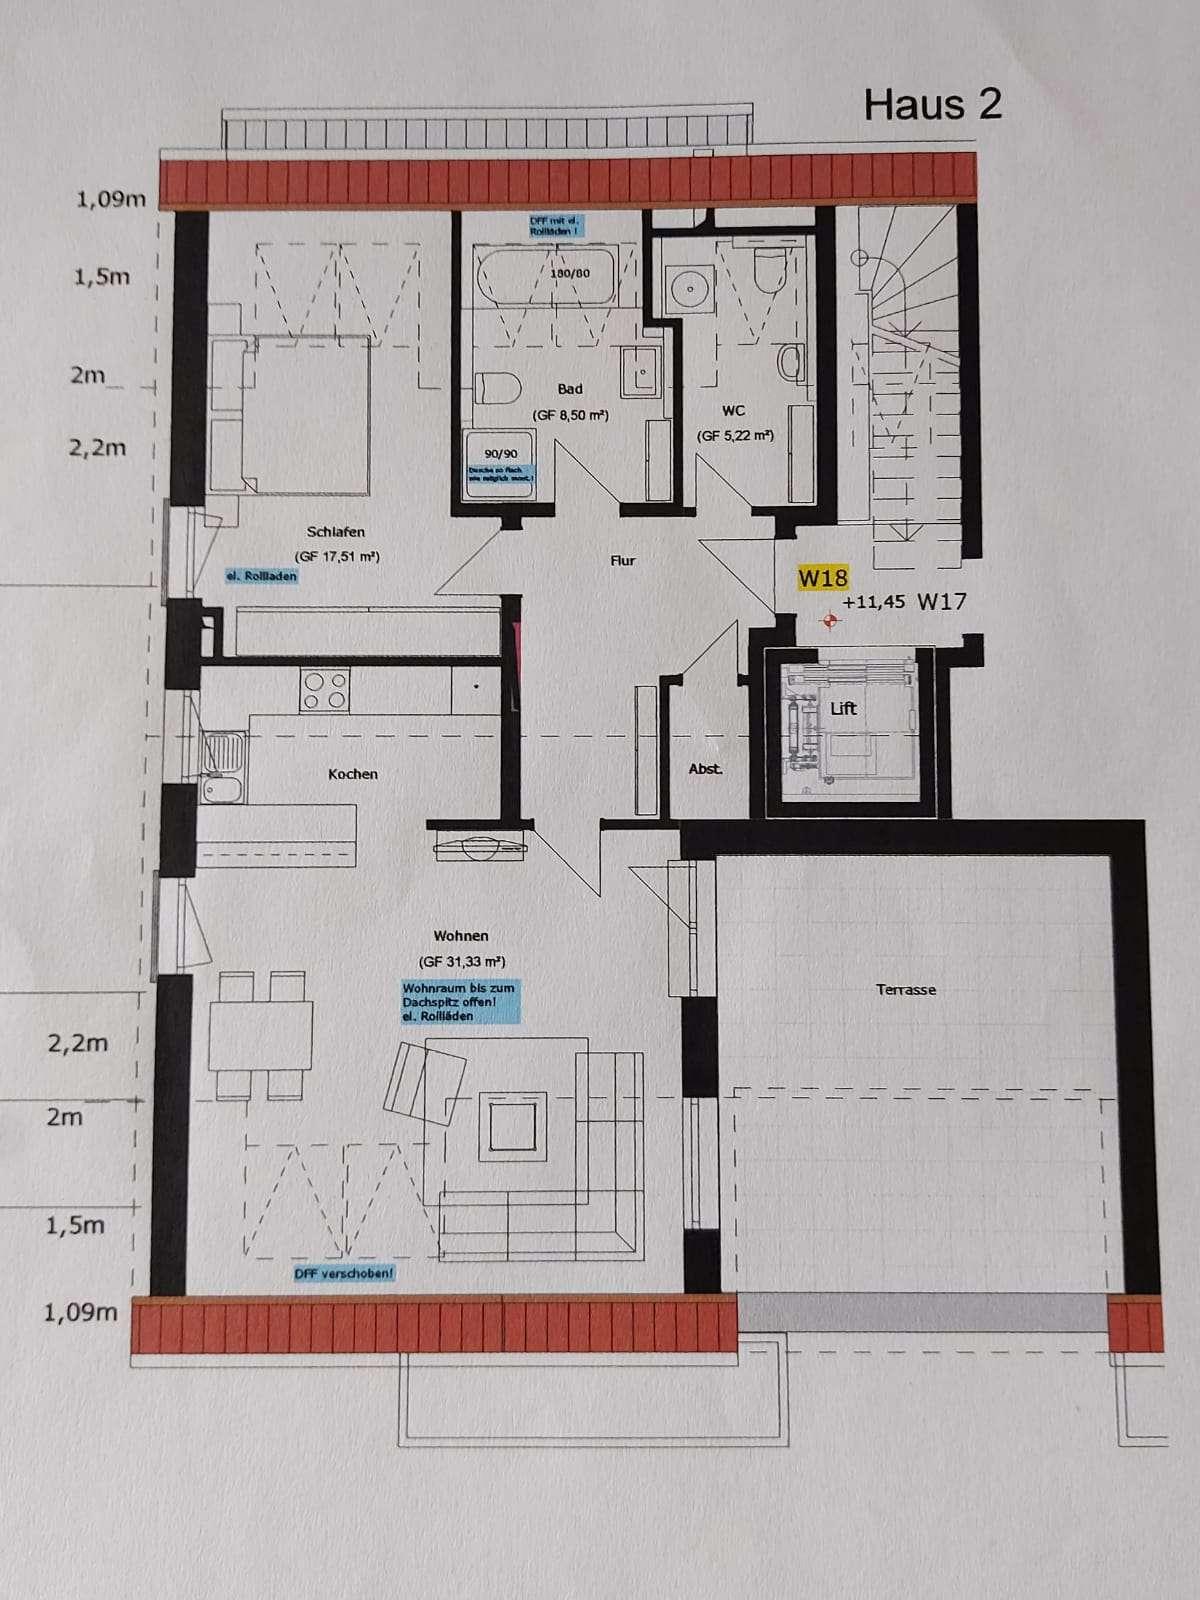 Wunderschöne, moderne 2-Zi-DG-Wohnung mit großer Dachterrasse in